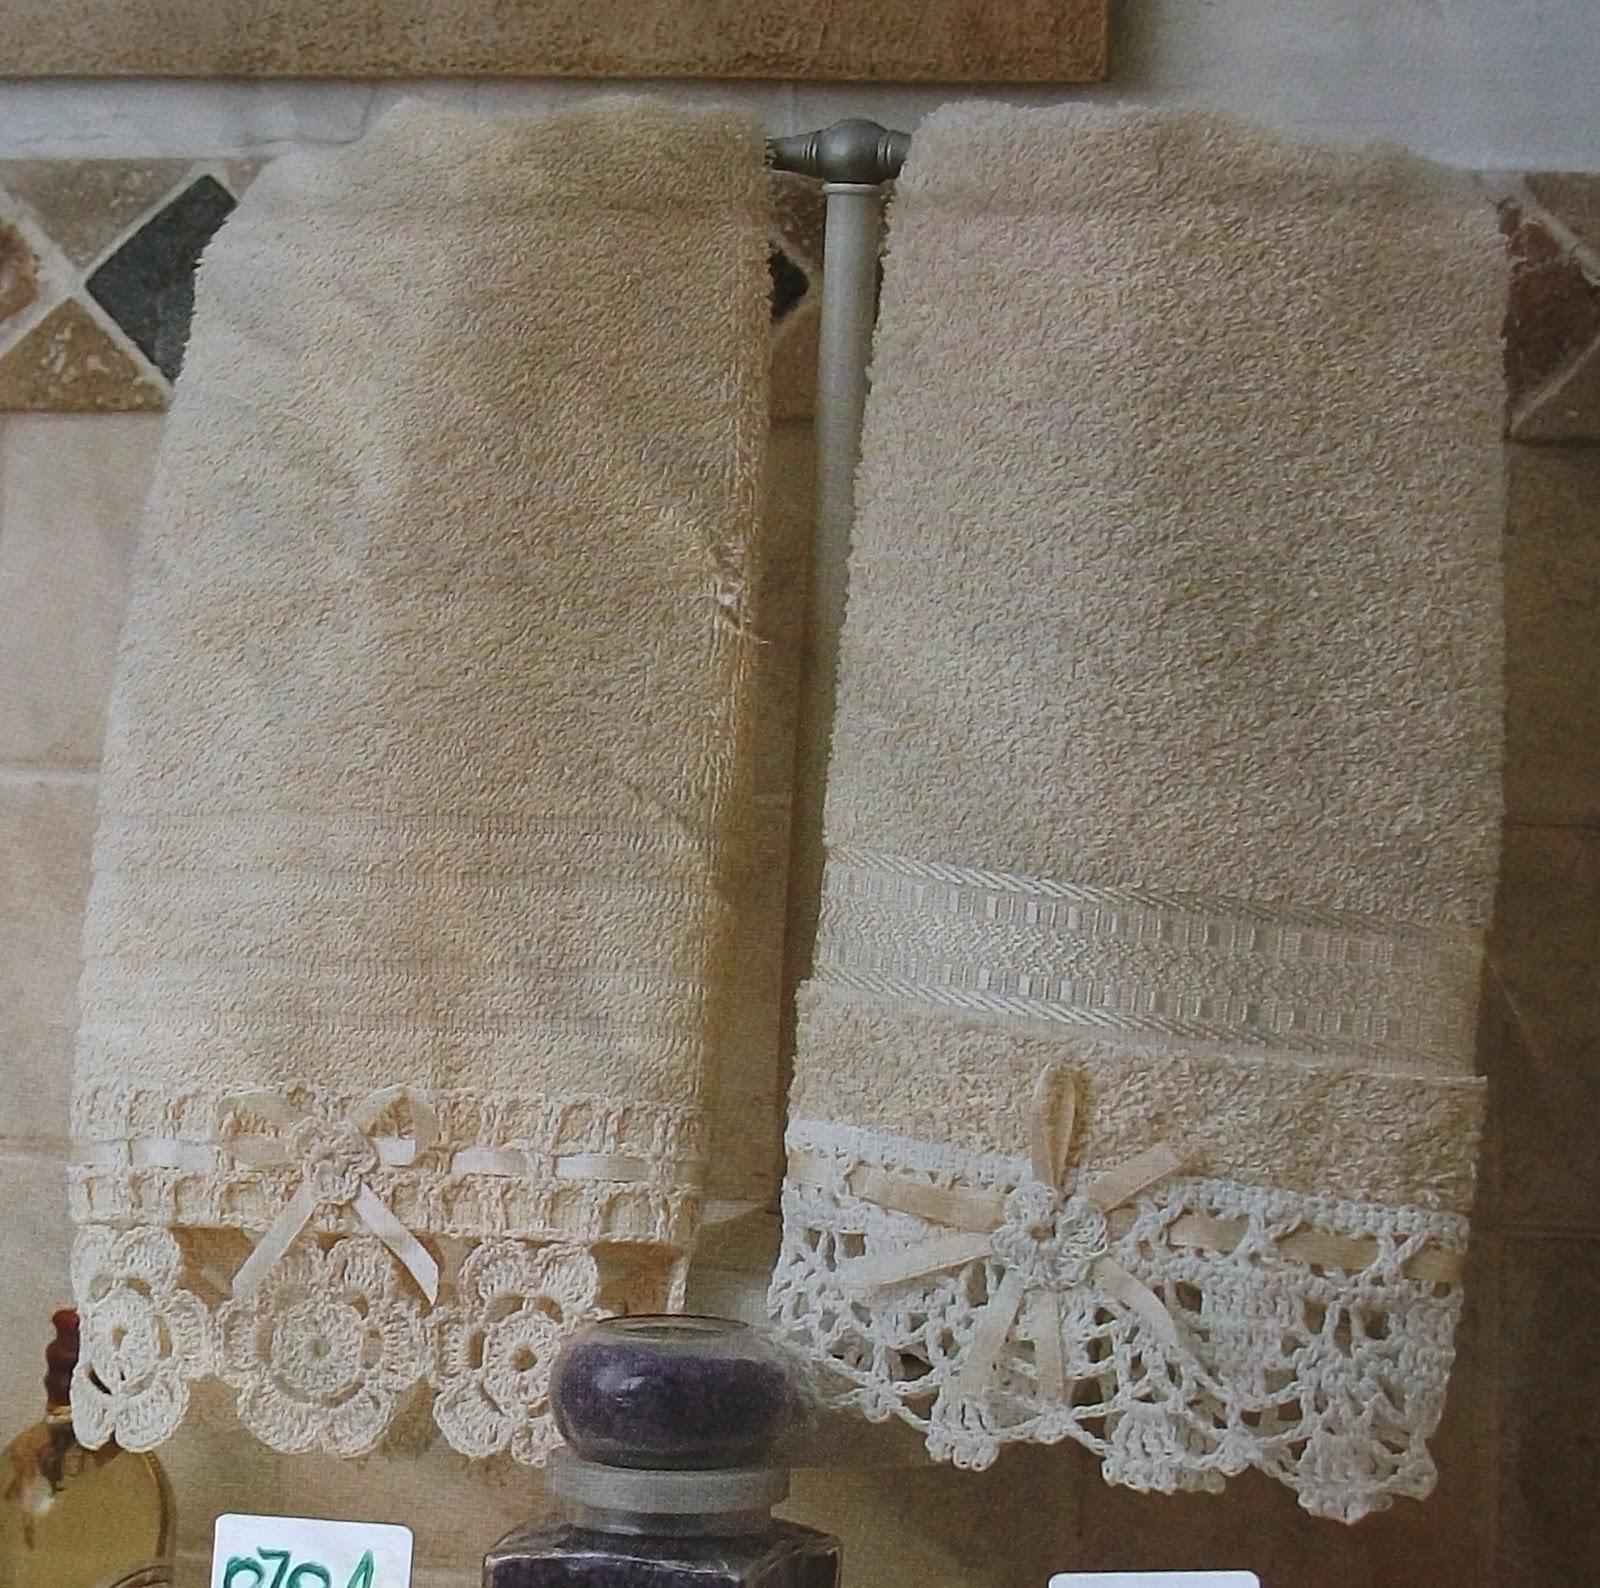 Tejidos la chinita puntillas para toallas de ba o - Puntillas para cortinas ...